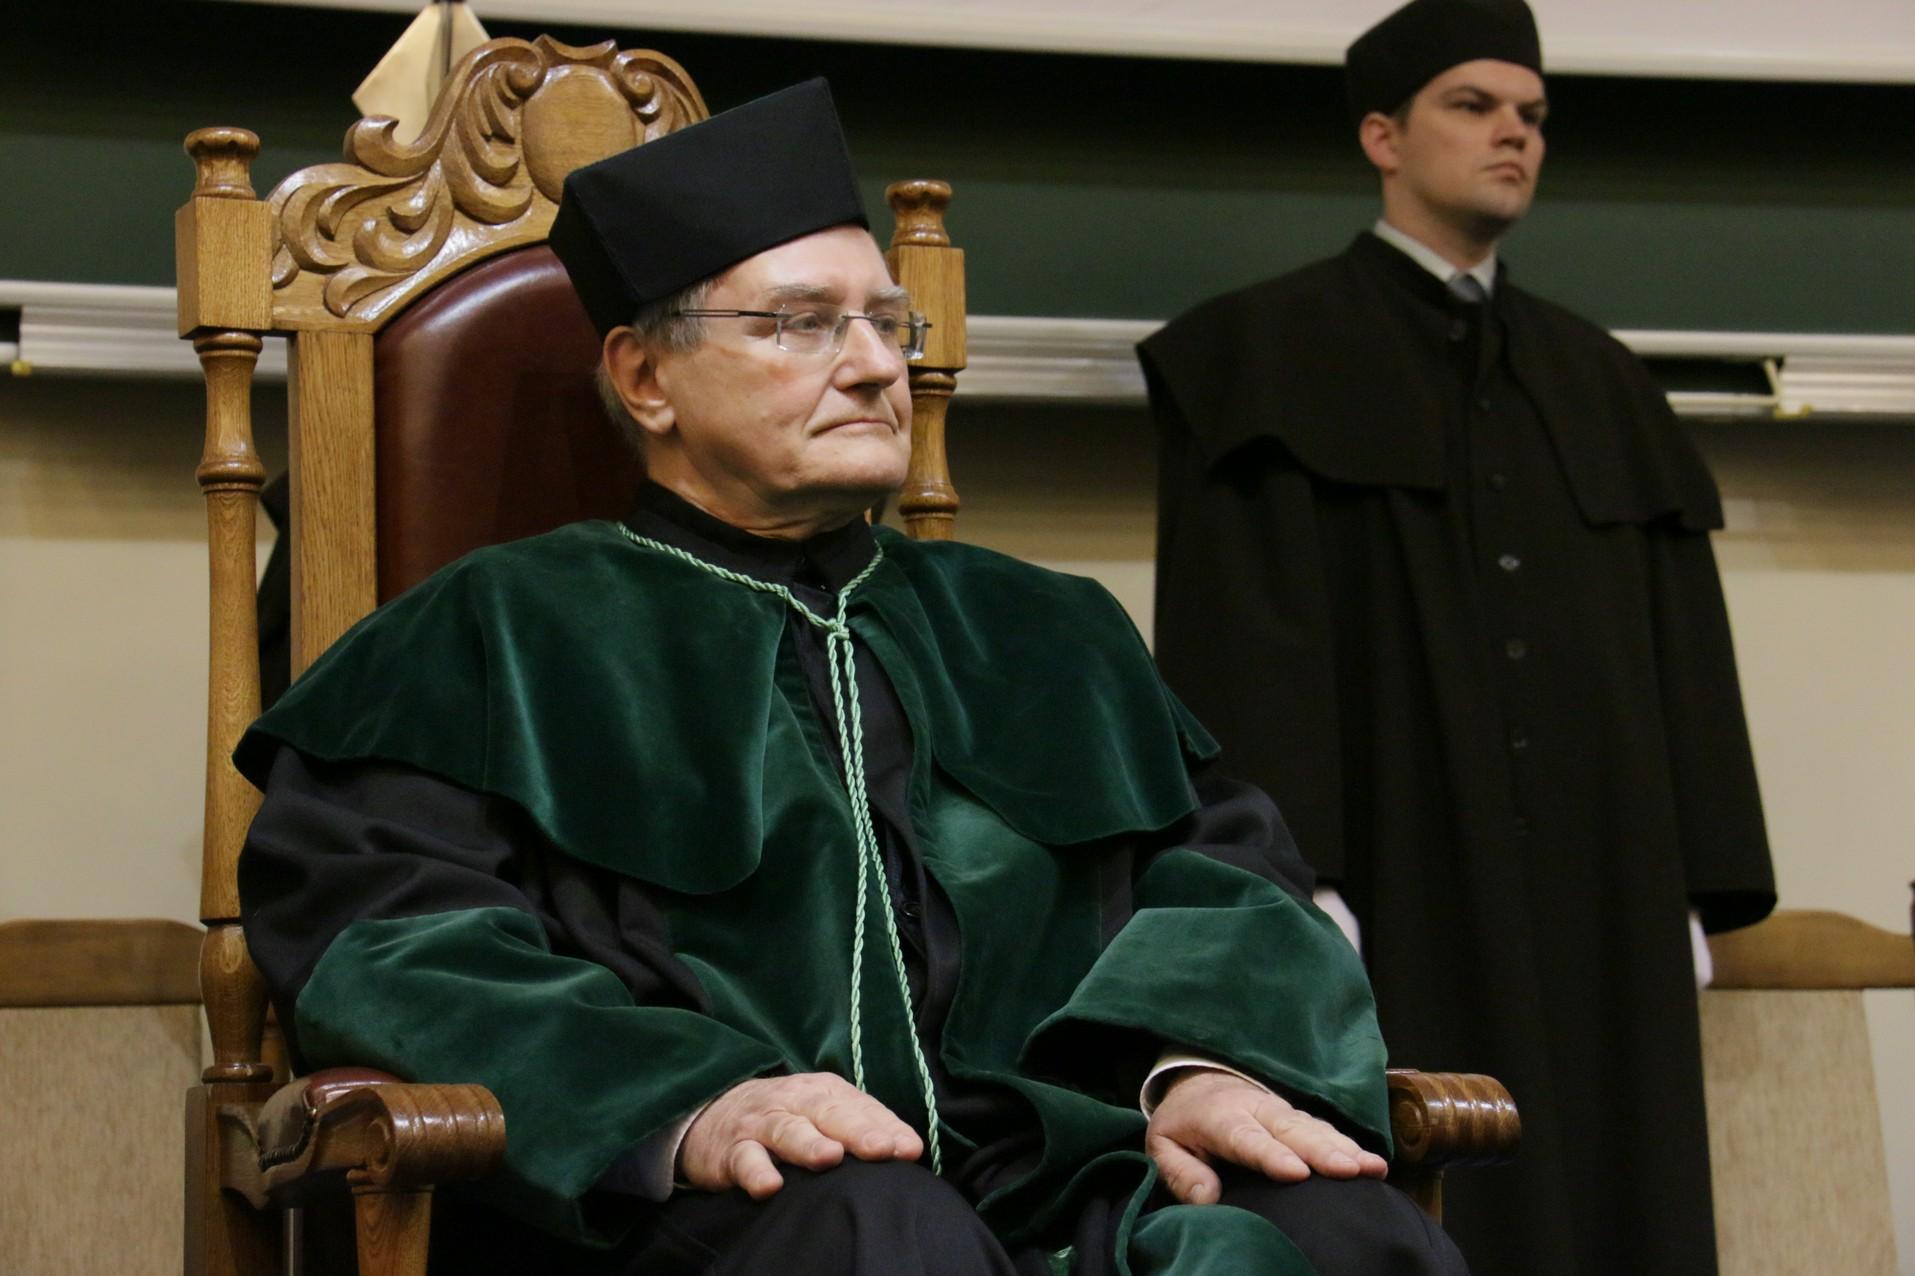 Uroczystość nadania tytułu doktora honoris causa Politechniki Świętokrzyskiej prof. dr hab. inż. Wojciechowi Radomskiemu